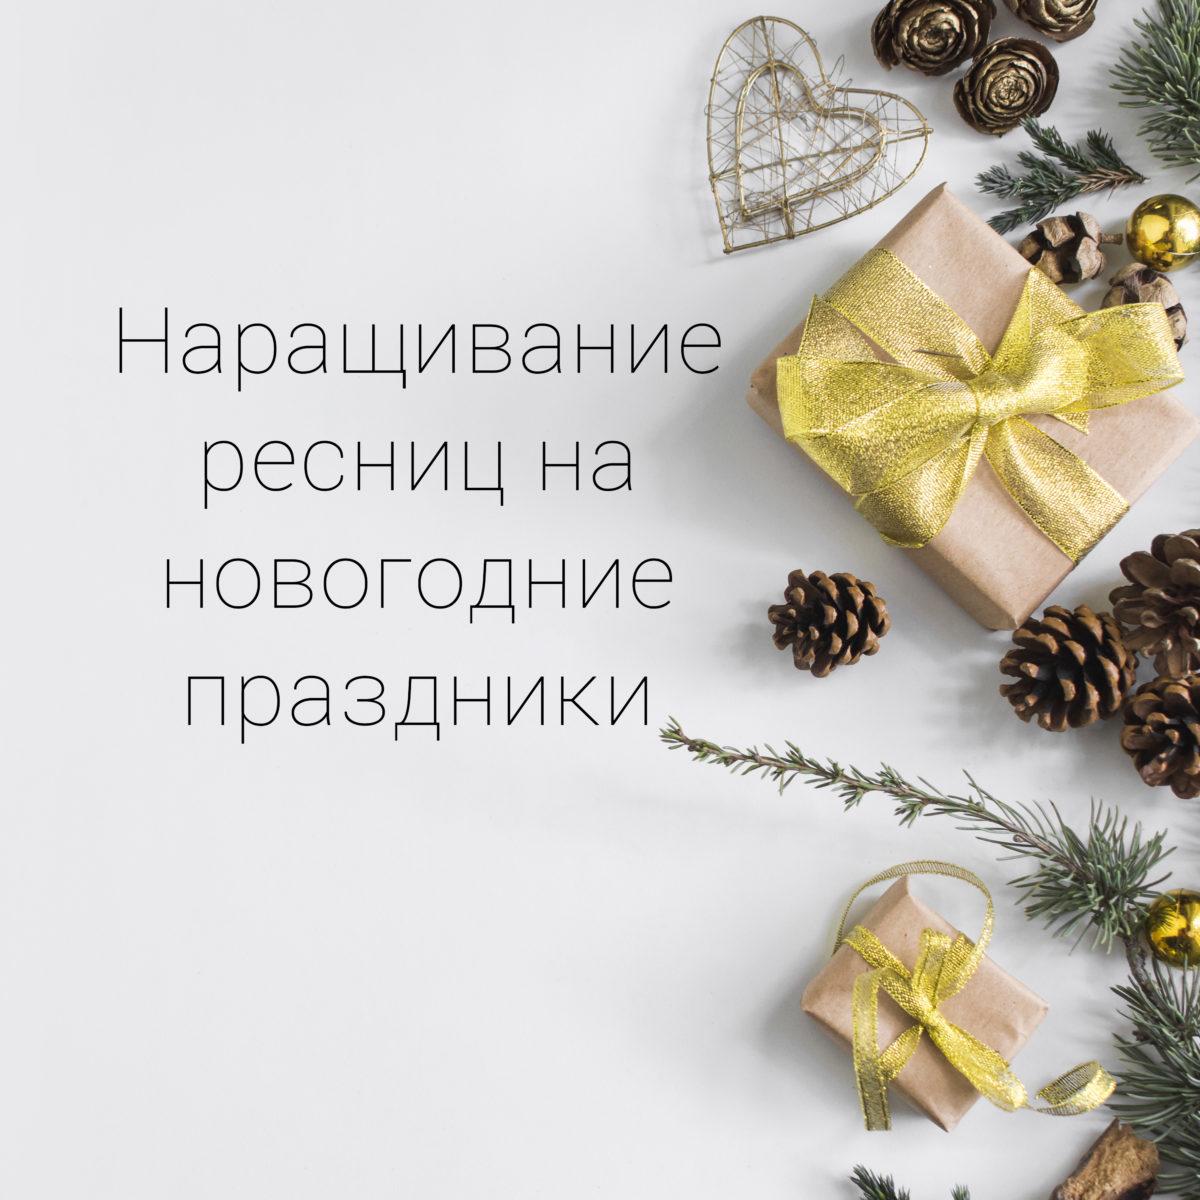 Наращивание ресниц на новогодние праздники. Наращивание в Минске